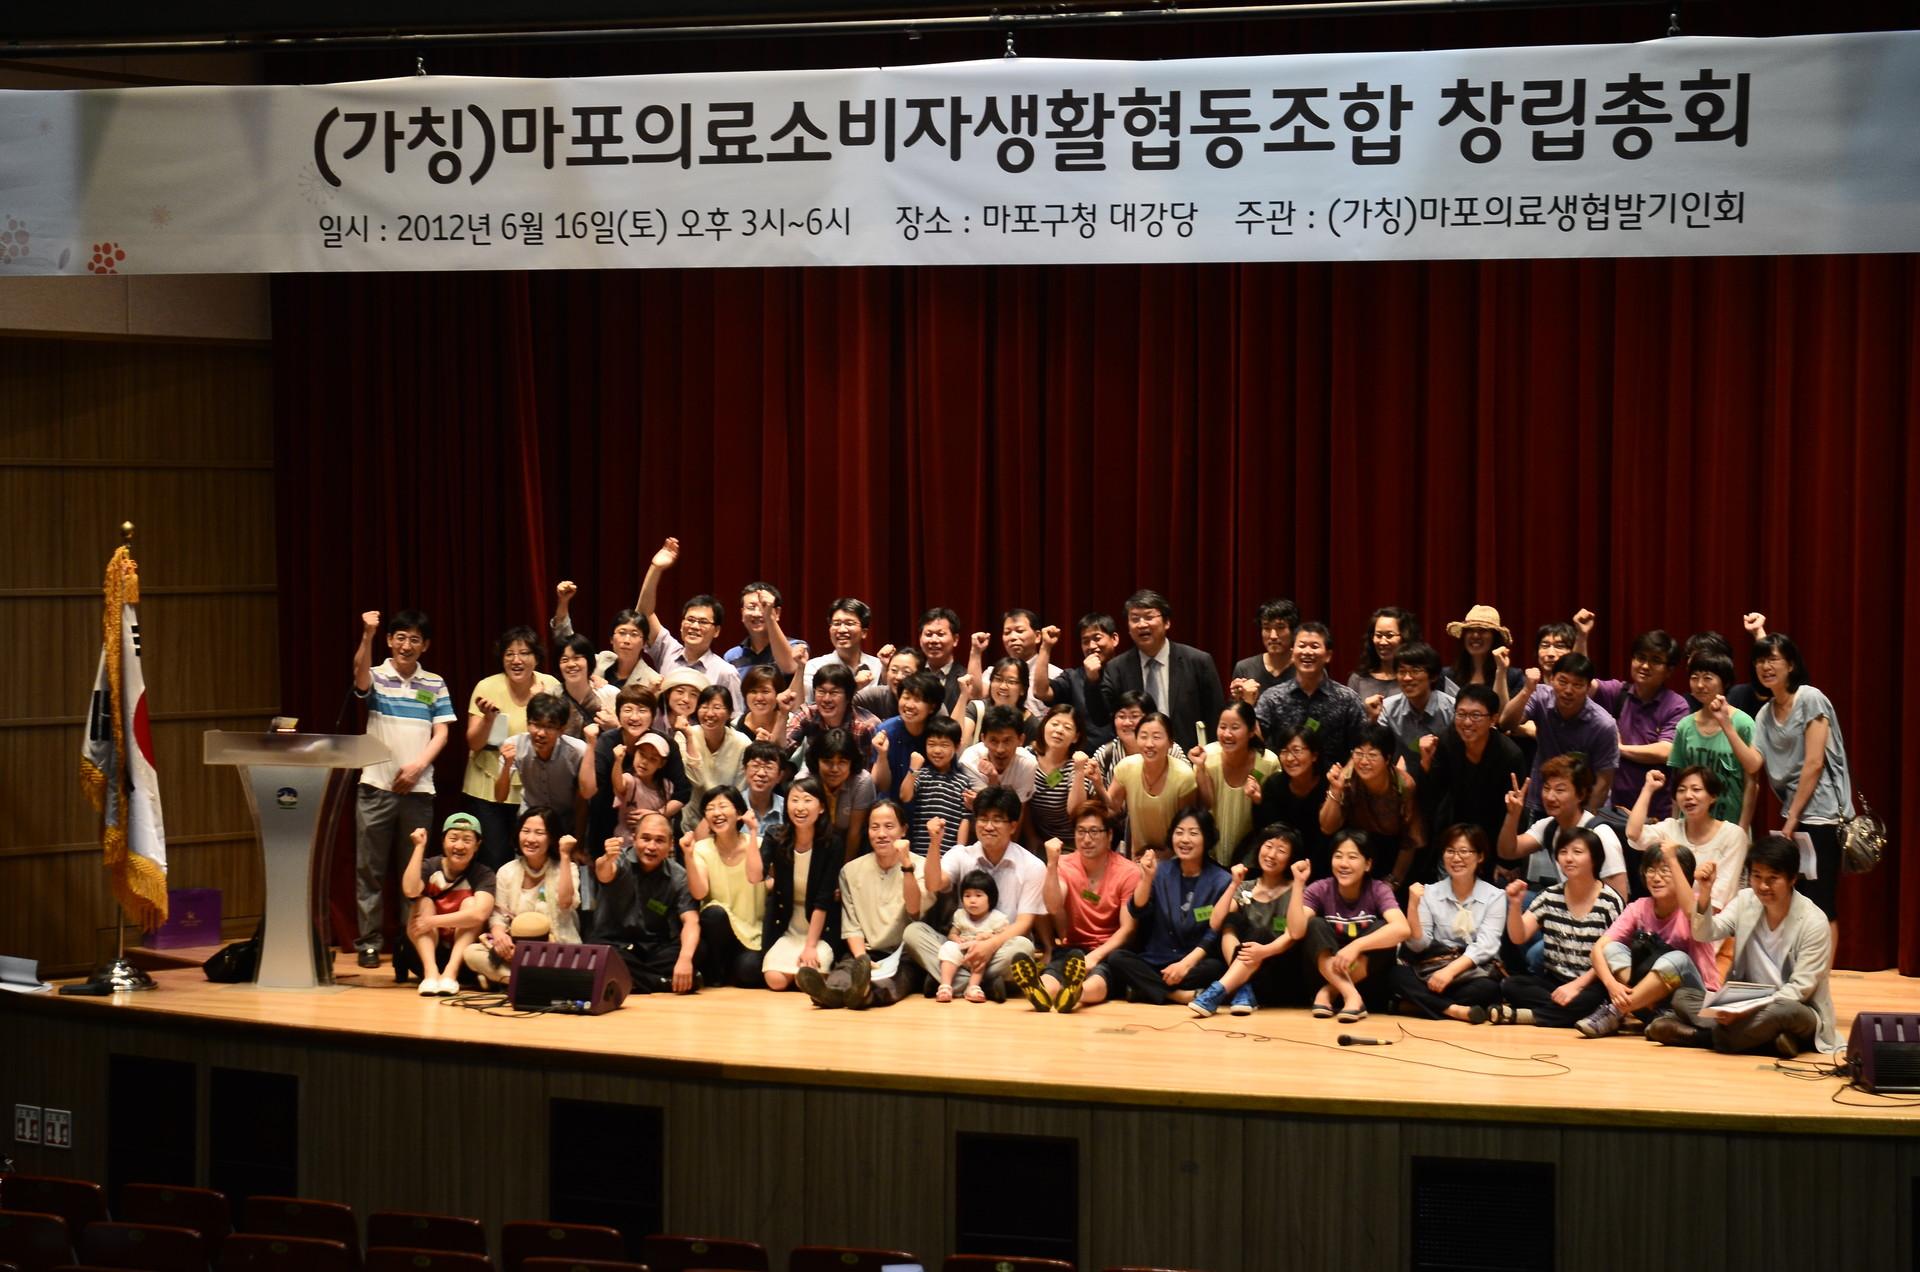 2012년 창립총회 사진